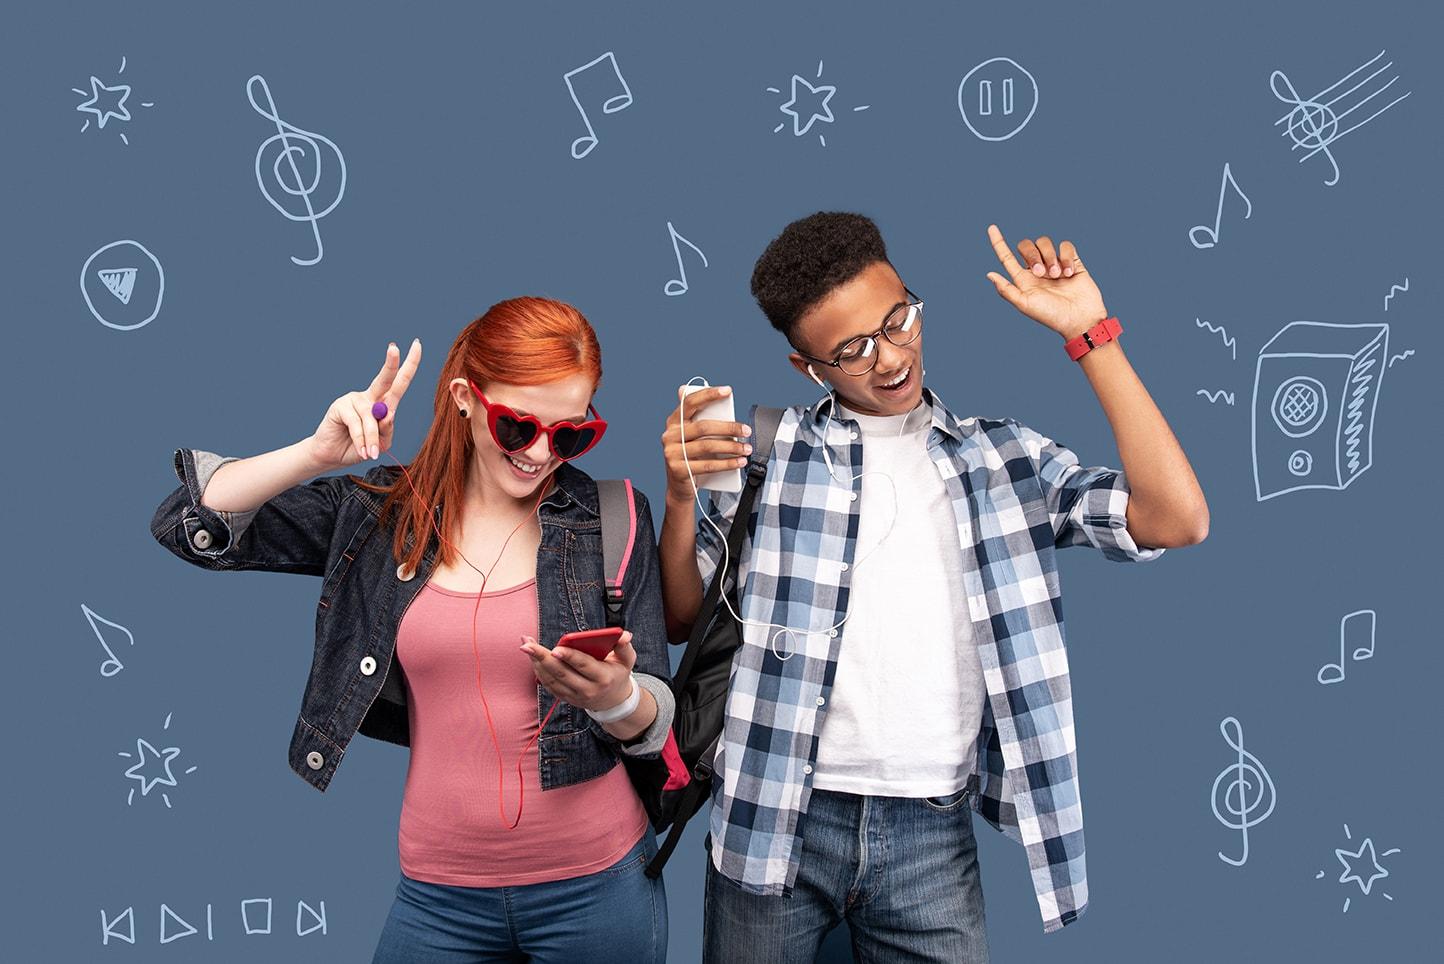 Tic Tok Adsが遂に解禁!若年層を取り込むTic Tok Adsで動画広告を出稿するポイント